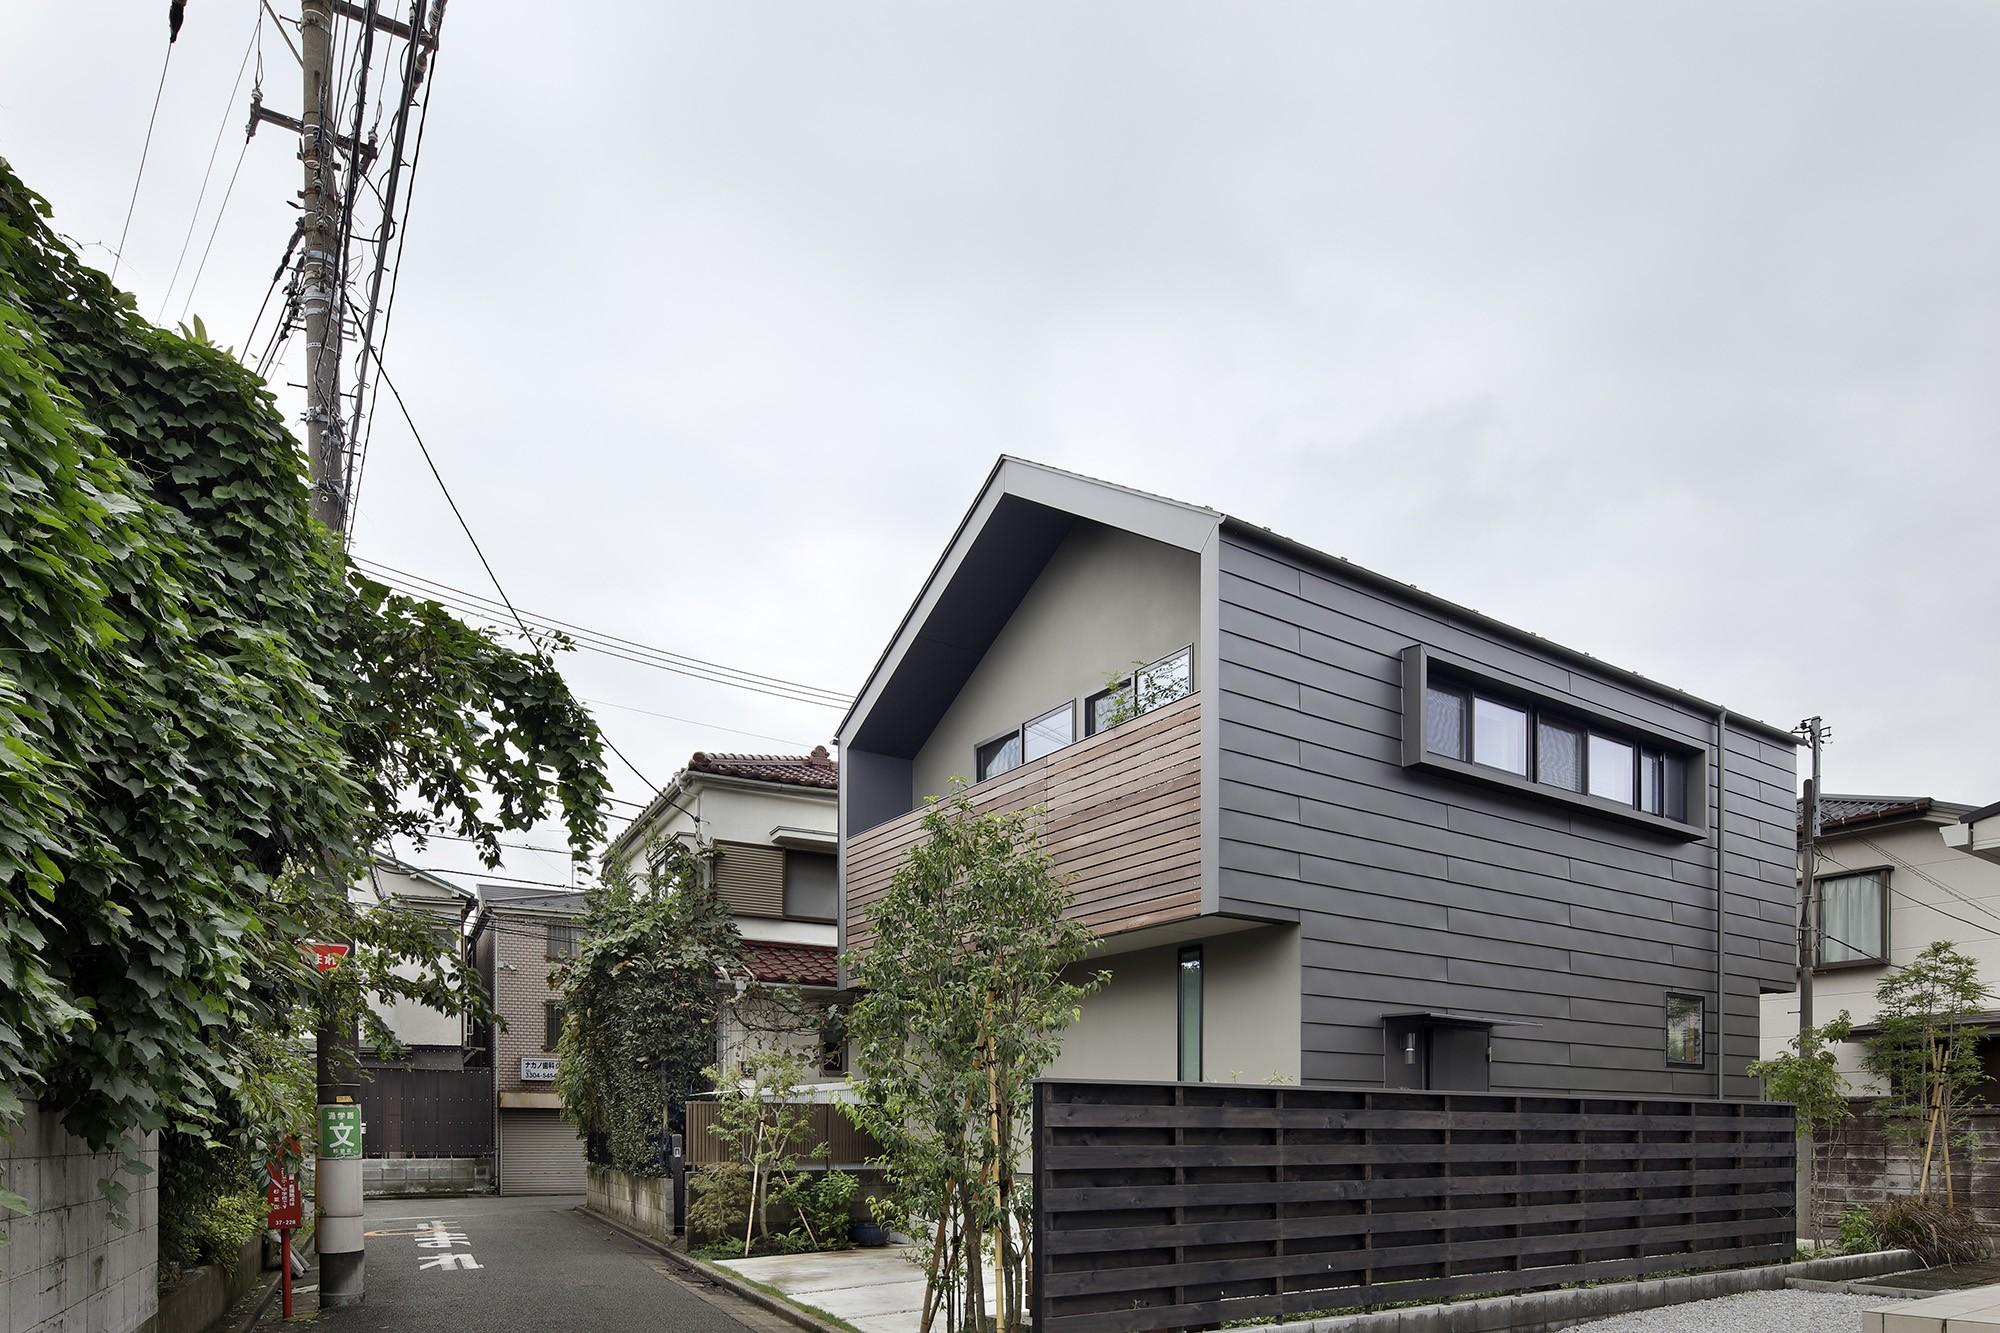 外観事例:外観(桜上水の住宅 / 半地下と屋上の効果)